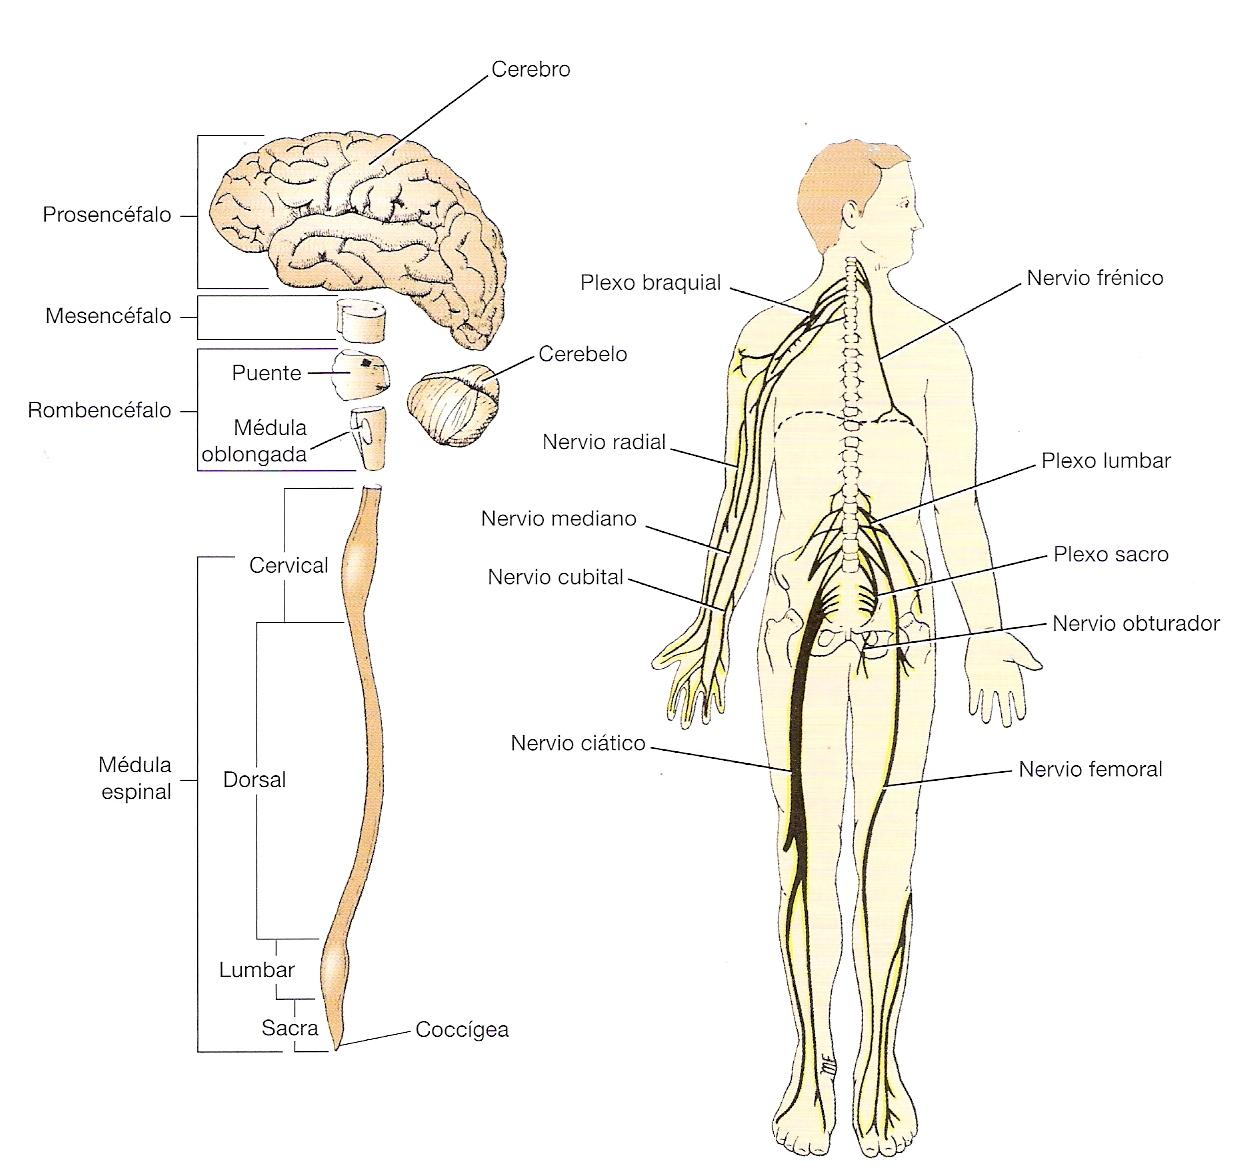 El Sistema Nervioso Consorcio De Neuropsicología Cnc